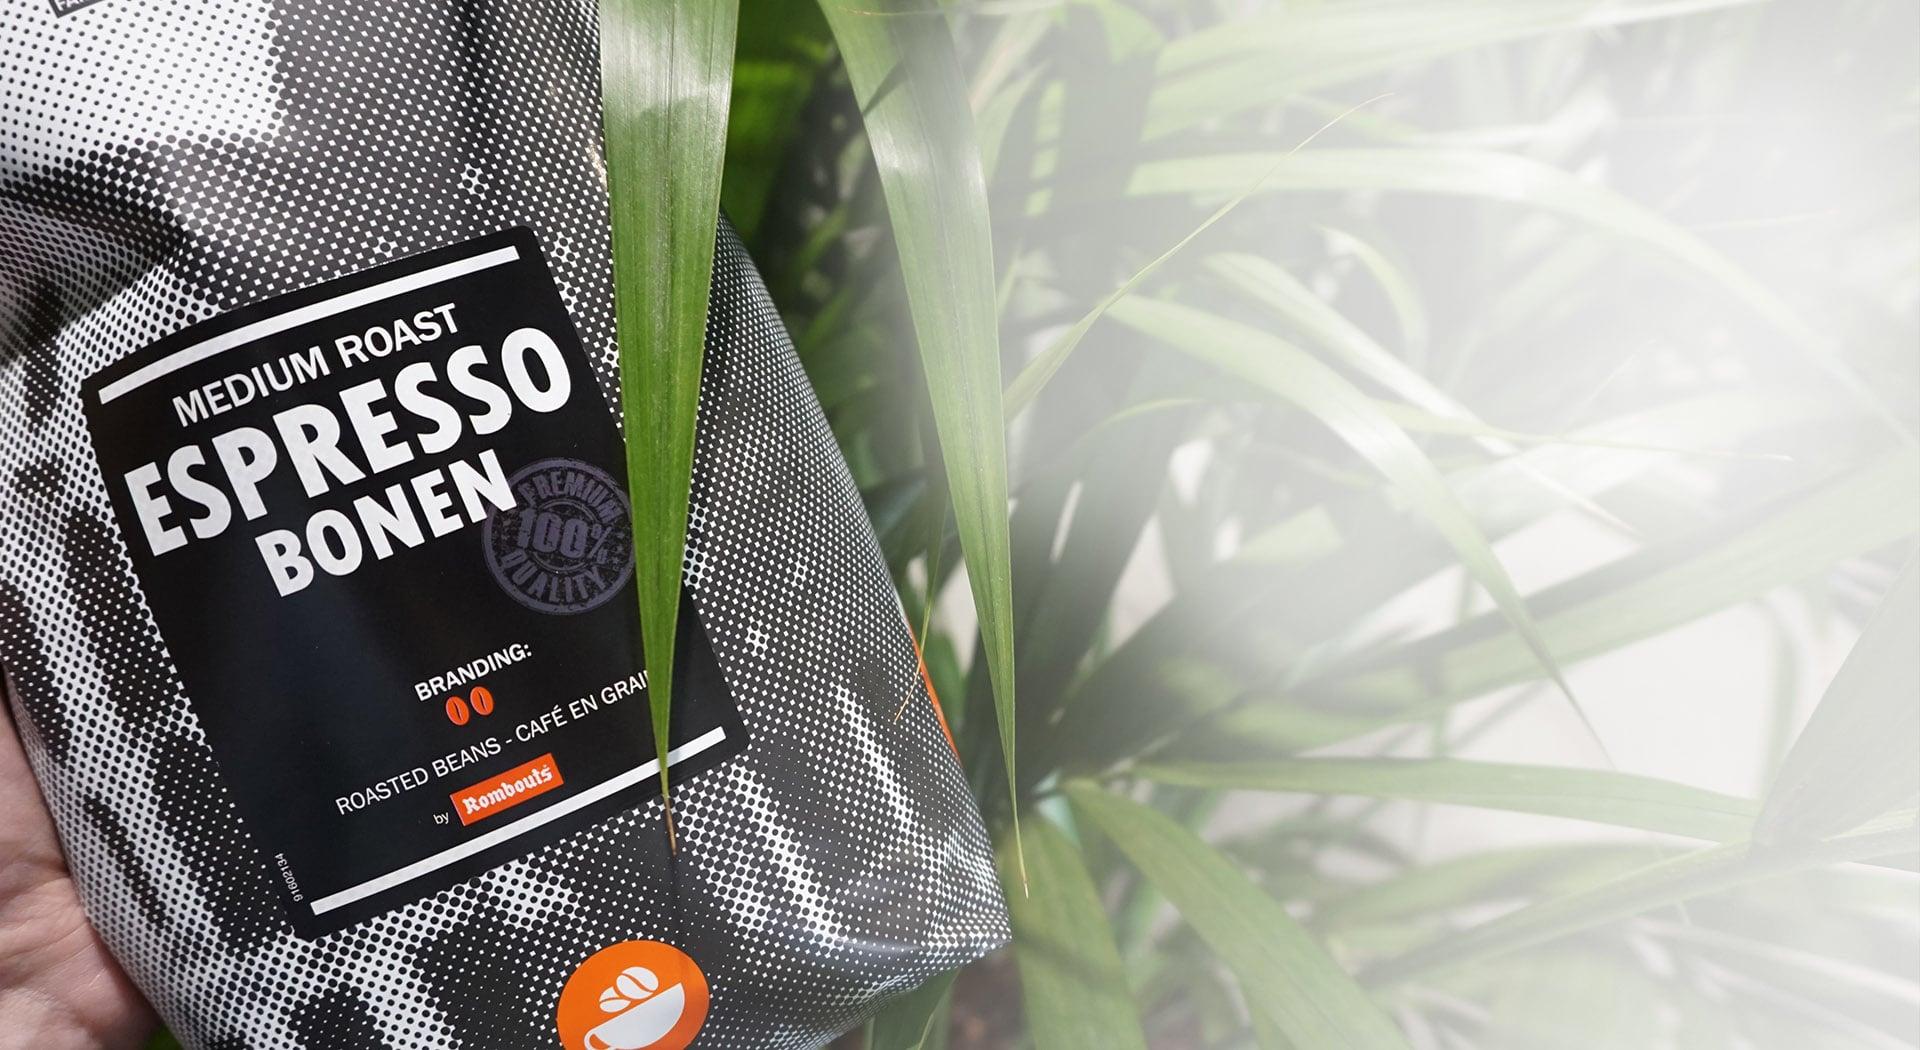 Rombouts espressobonen zak